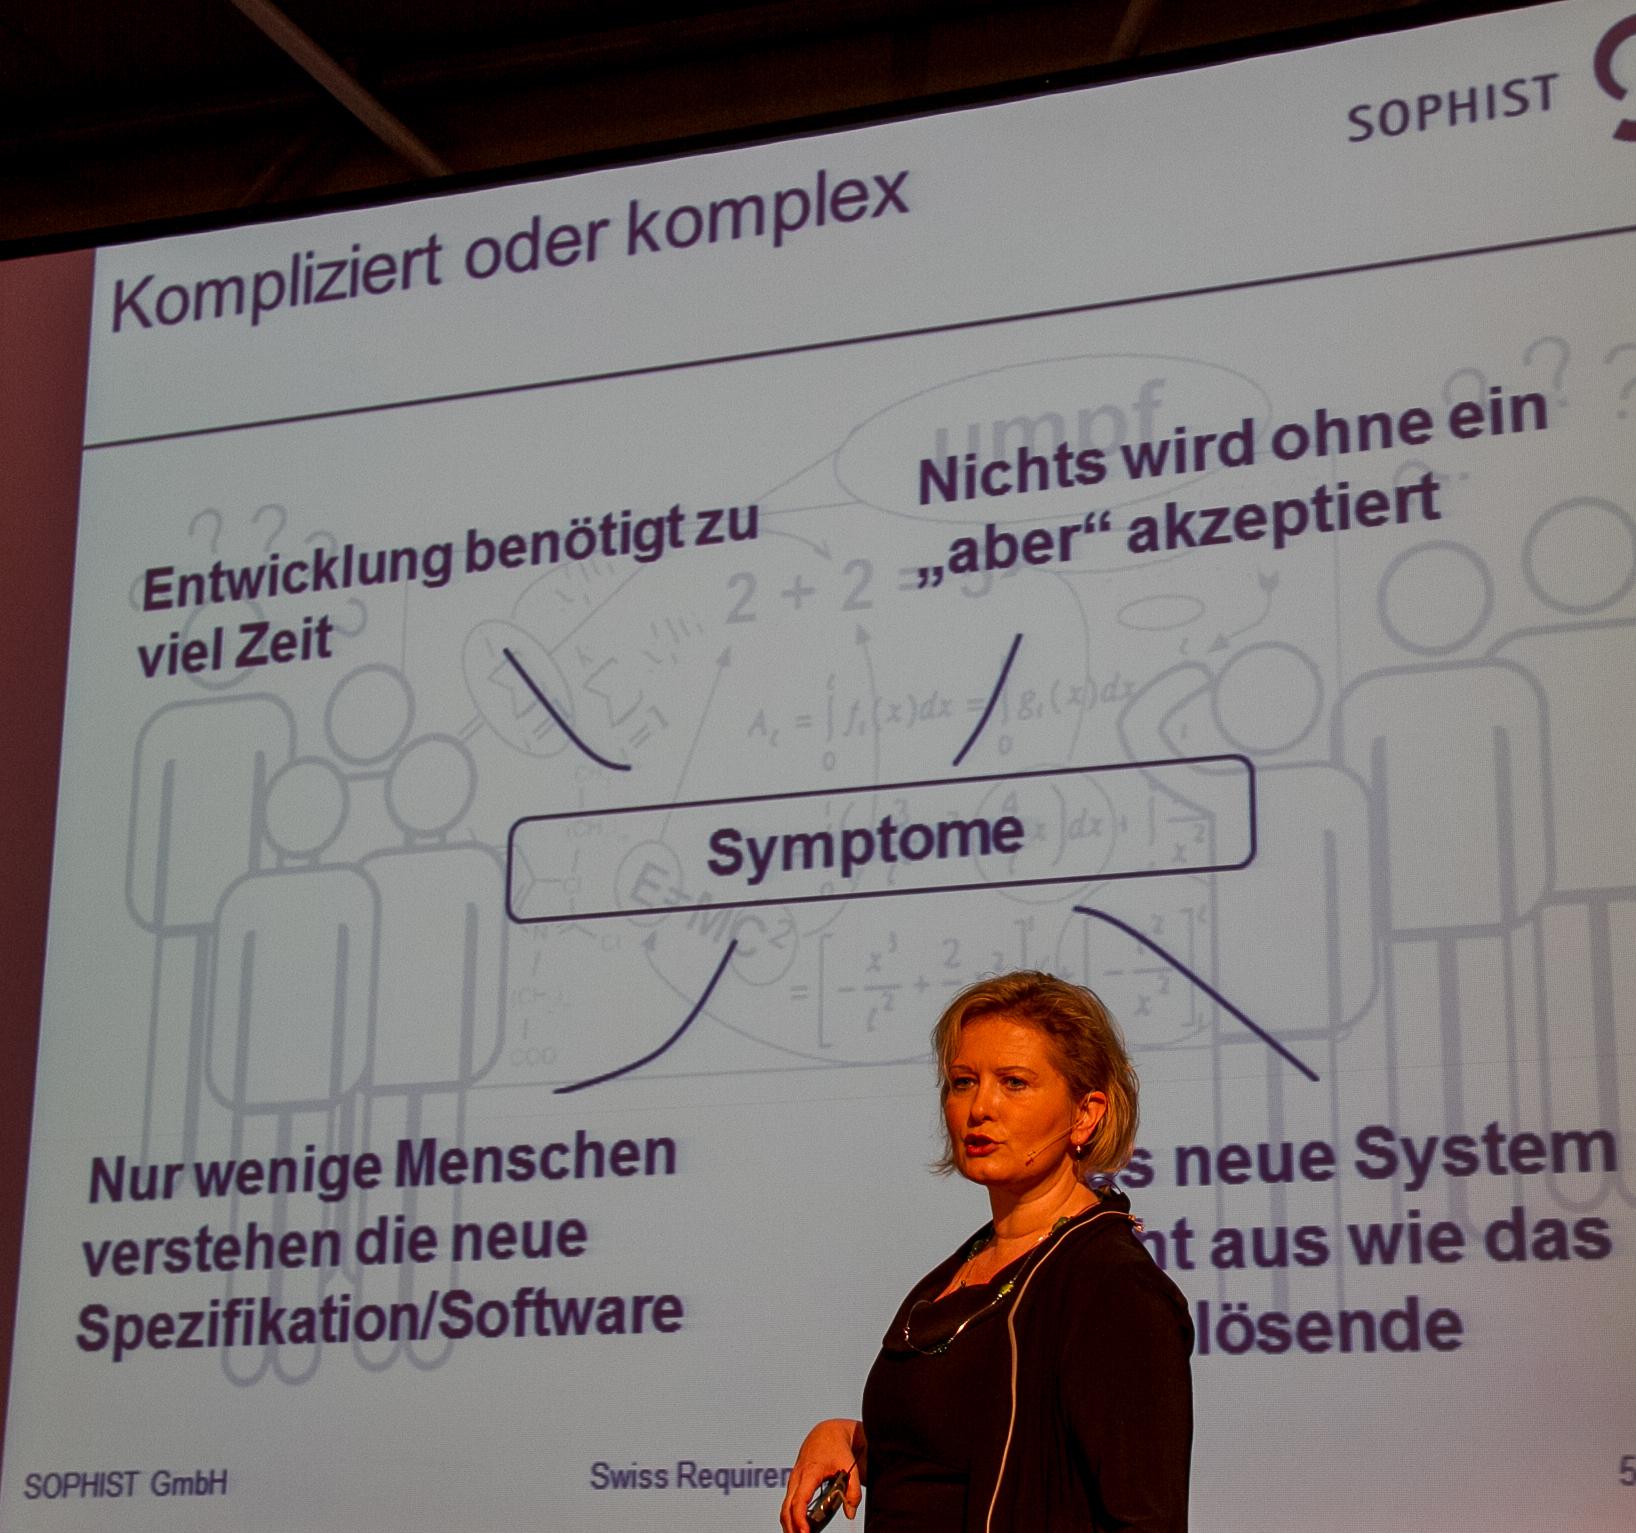 Chris Rupp: Symptome von zu komplizierten oder komplexen IT-Projekten (Vortrag-Slides)